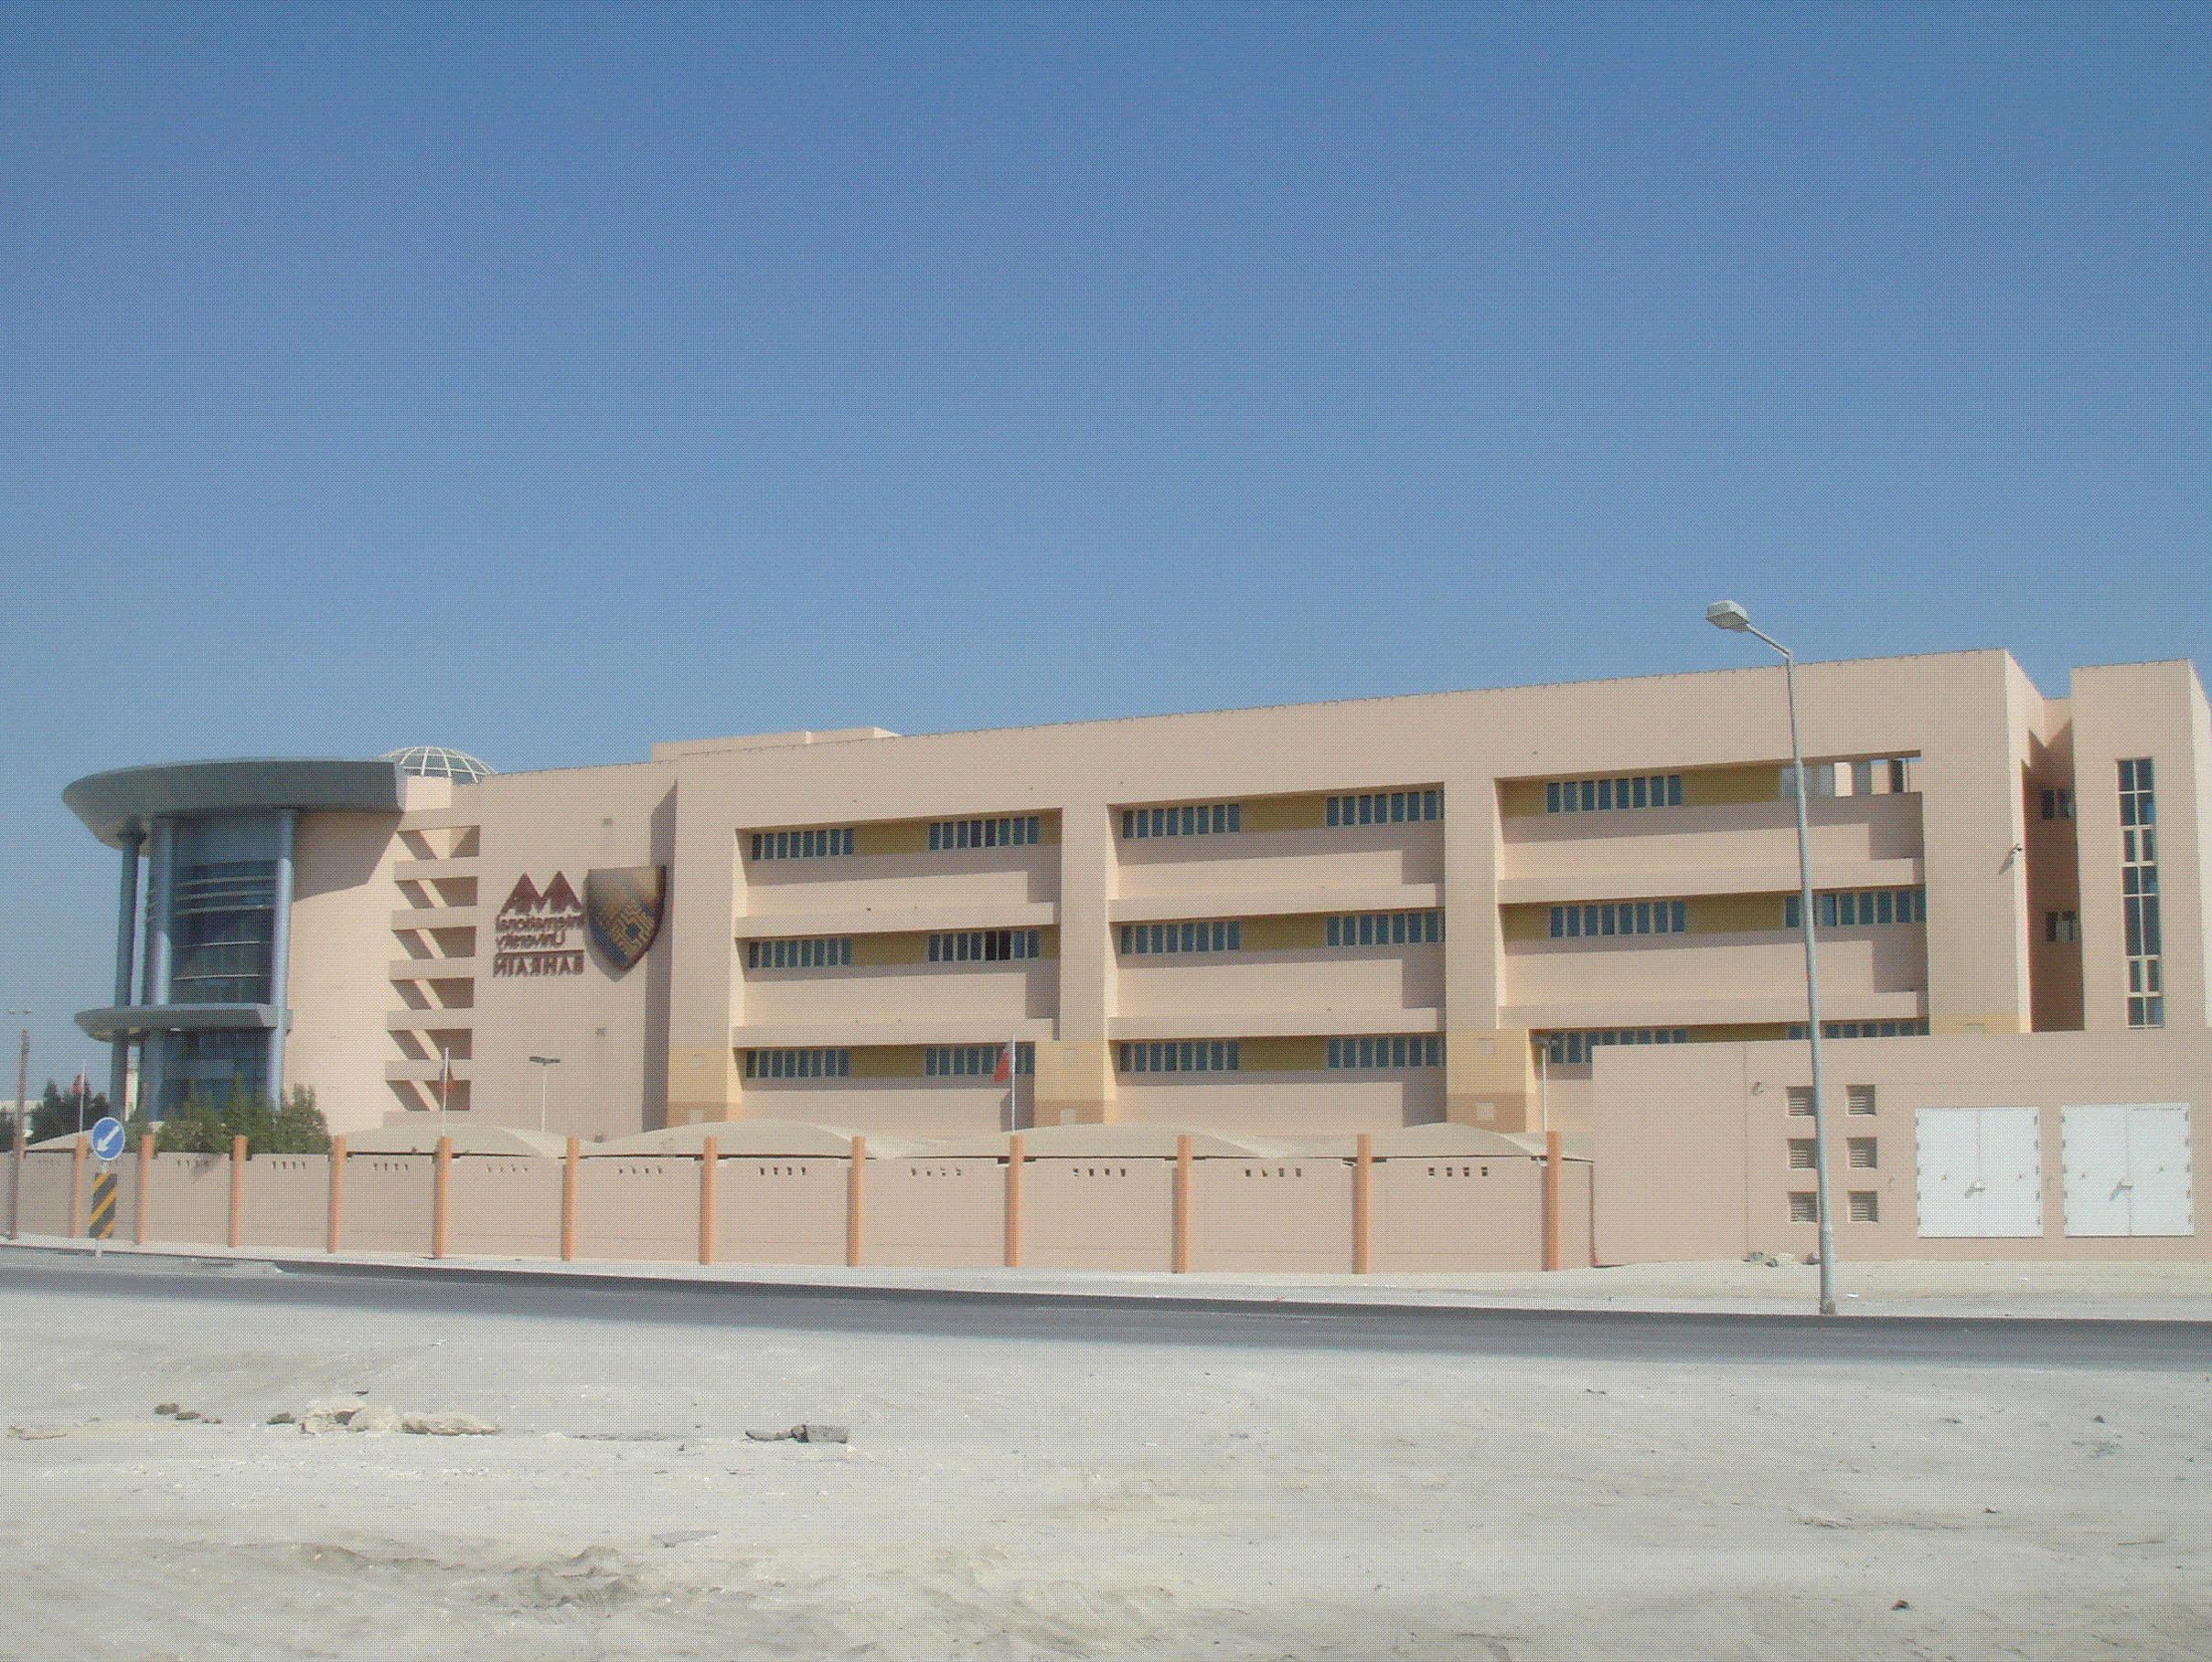 AMA International University Admission